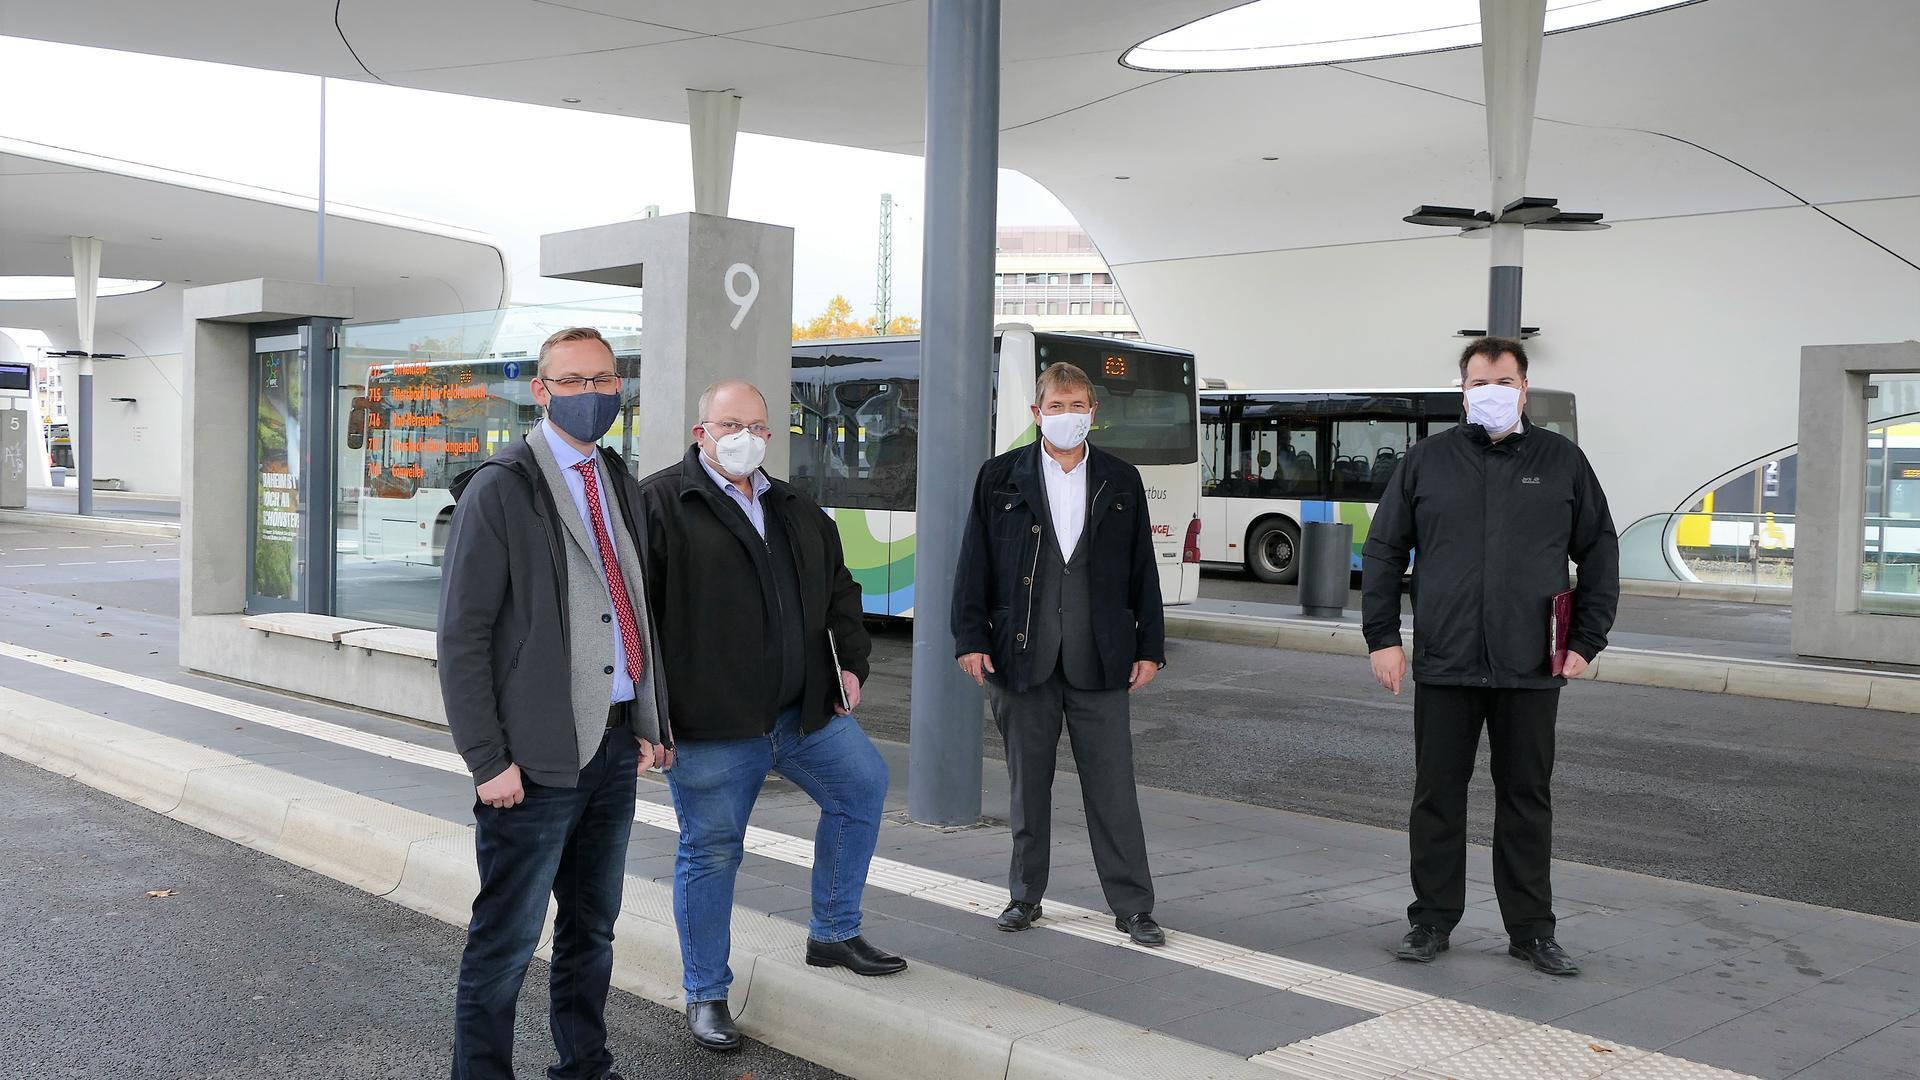 Vier Männer mit Masken stehen am Busbahnhof.